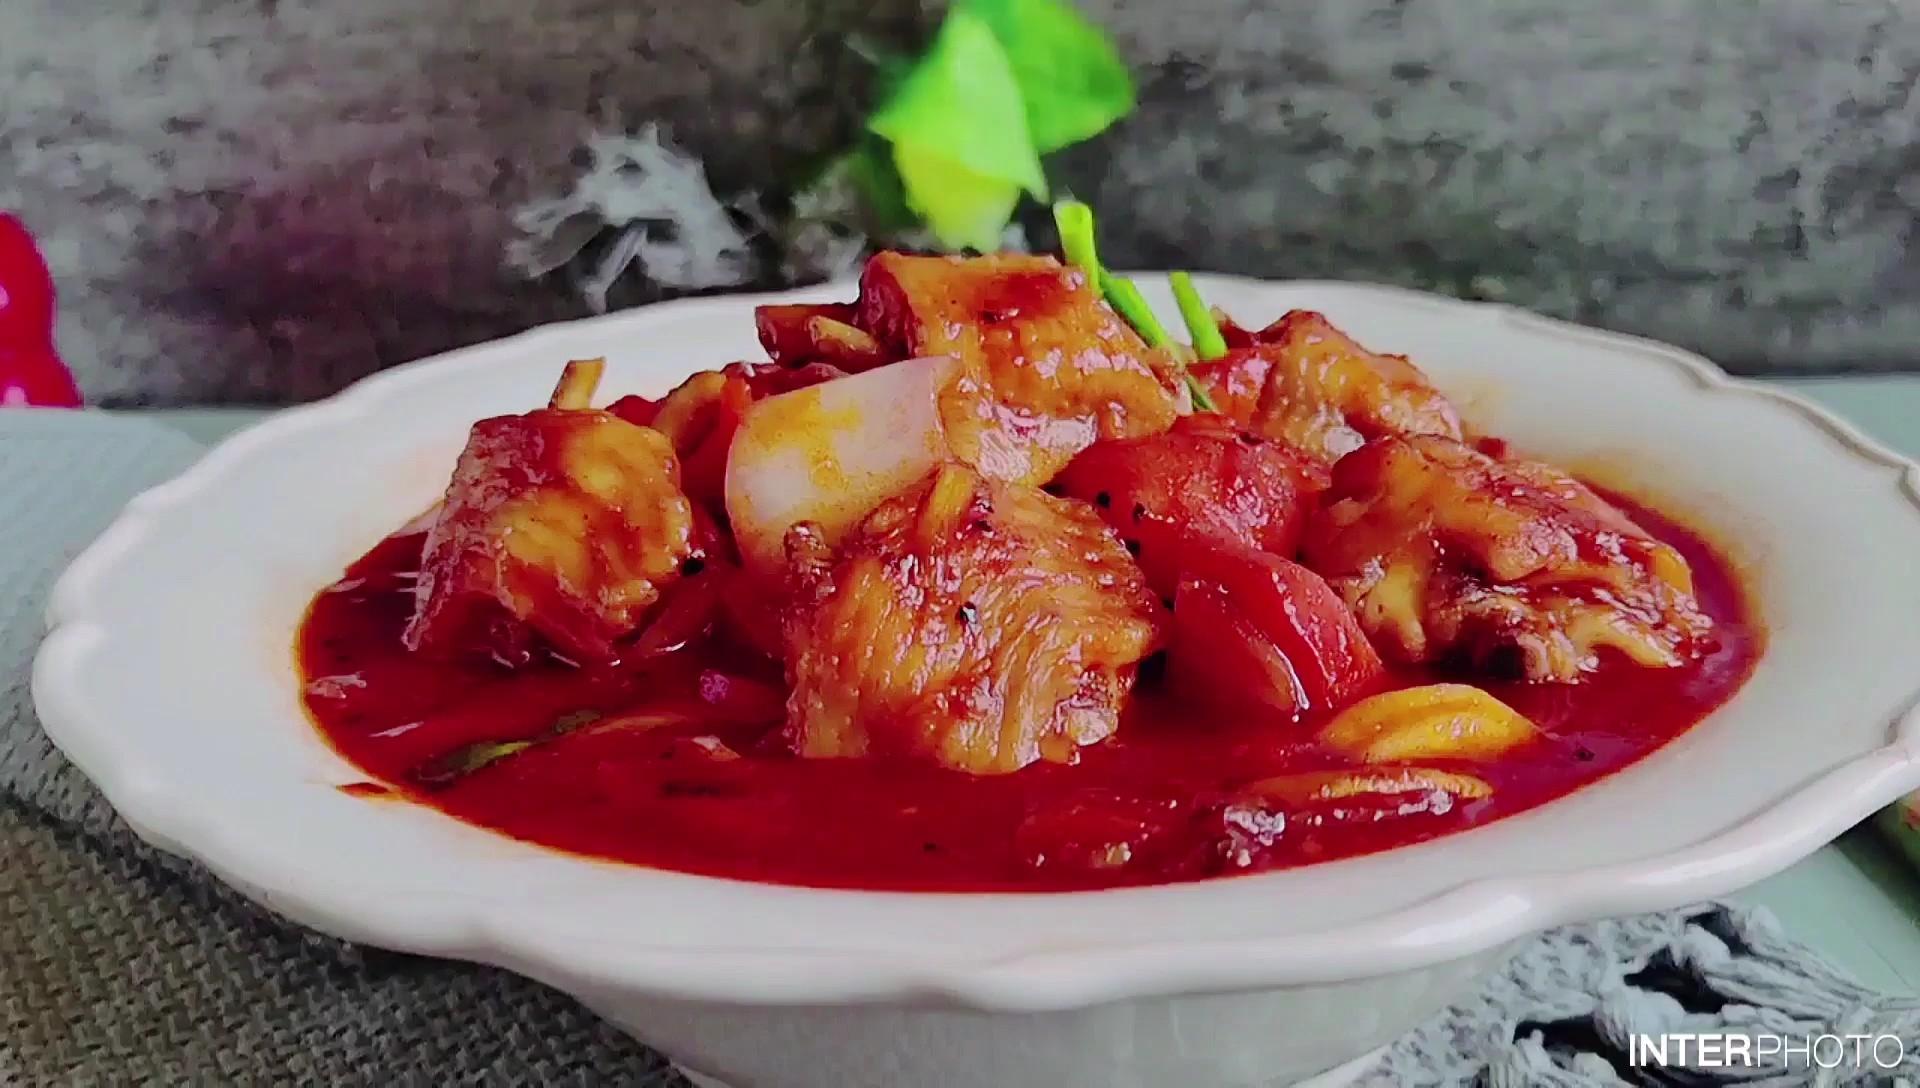 鸡翅的花样吃法…韩式辣酱炖鸡翅